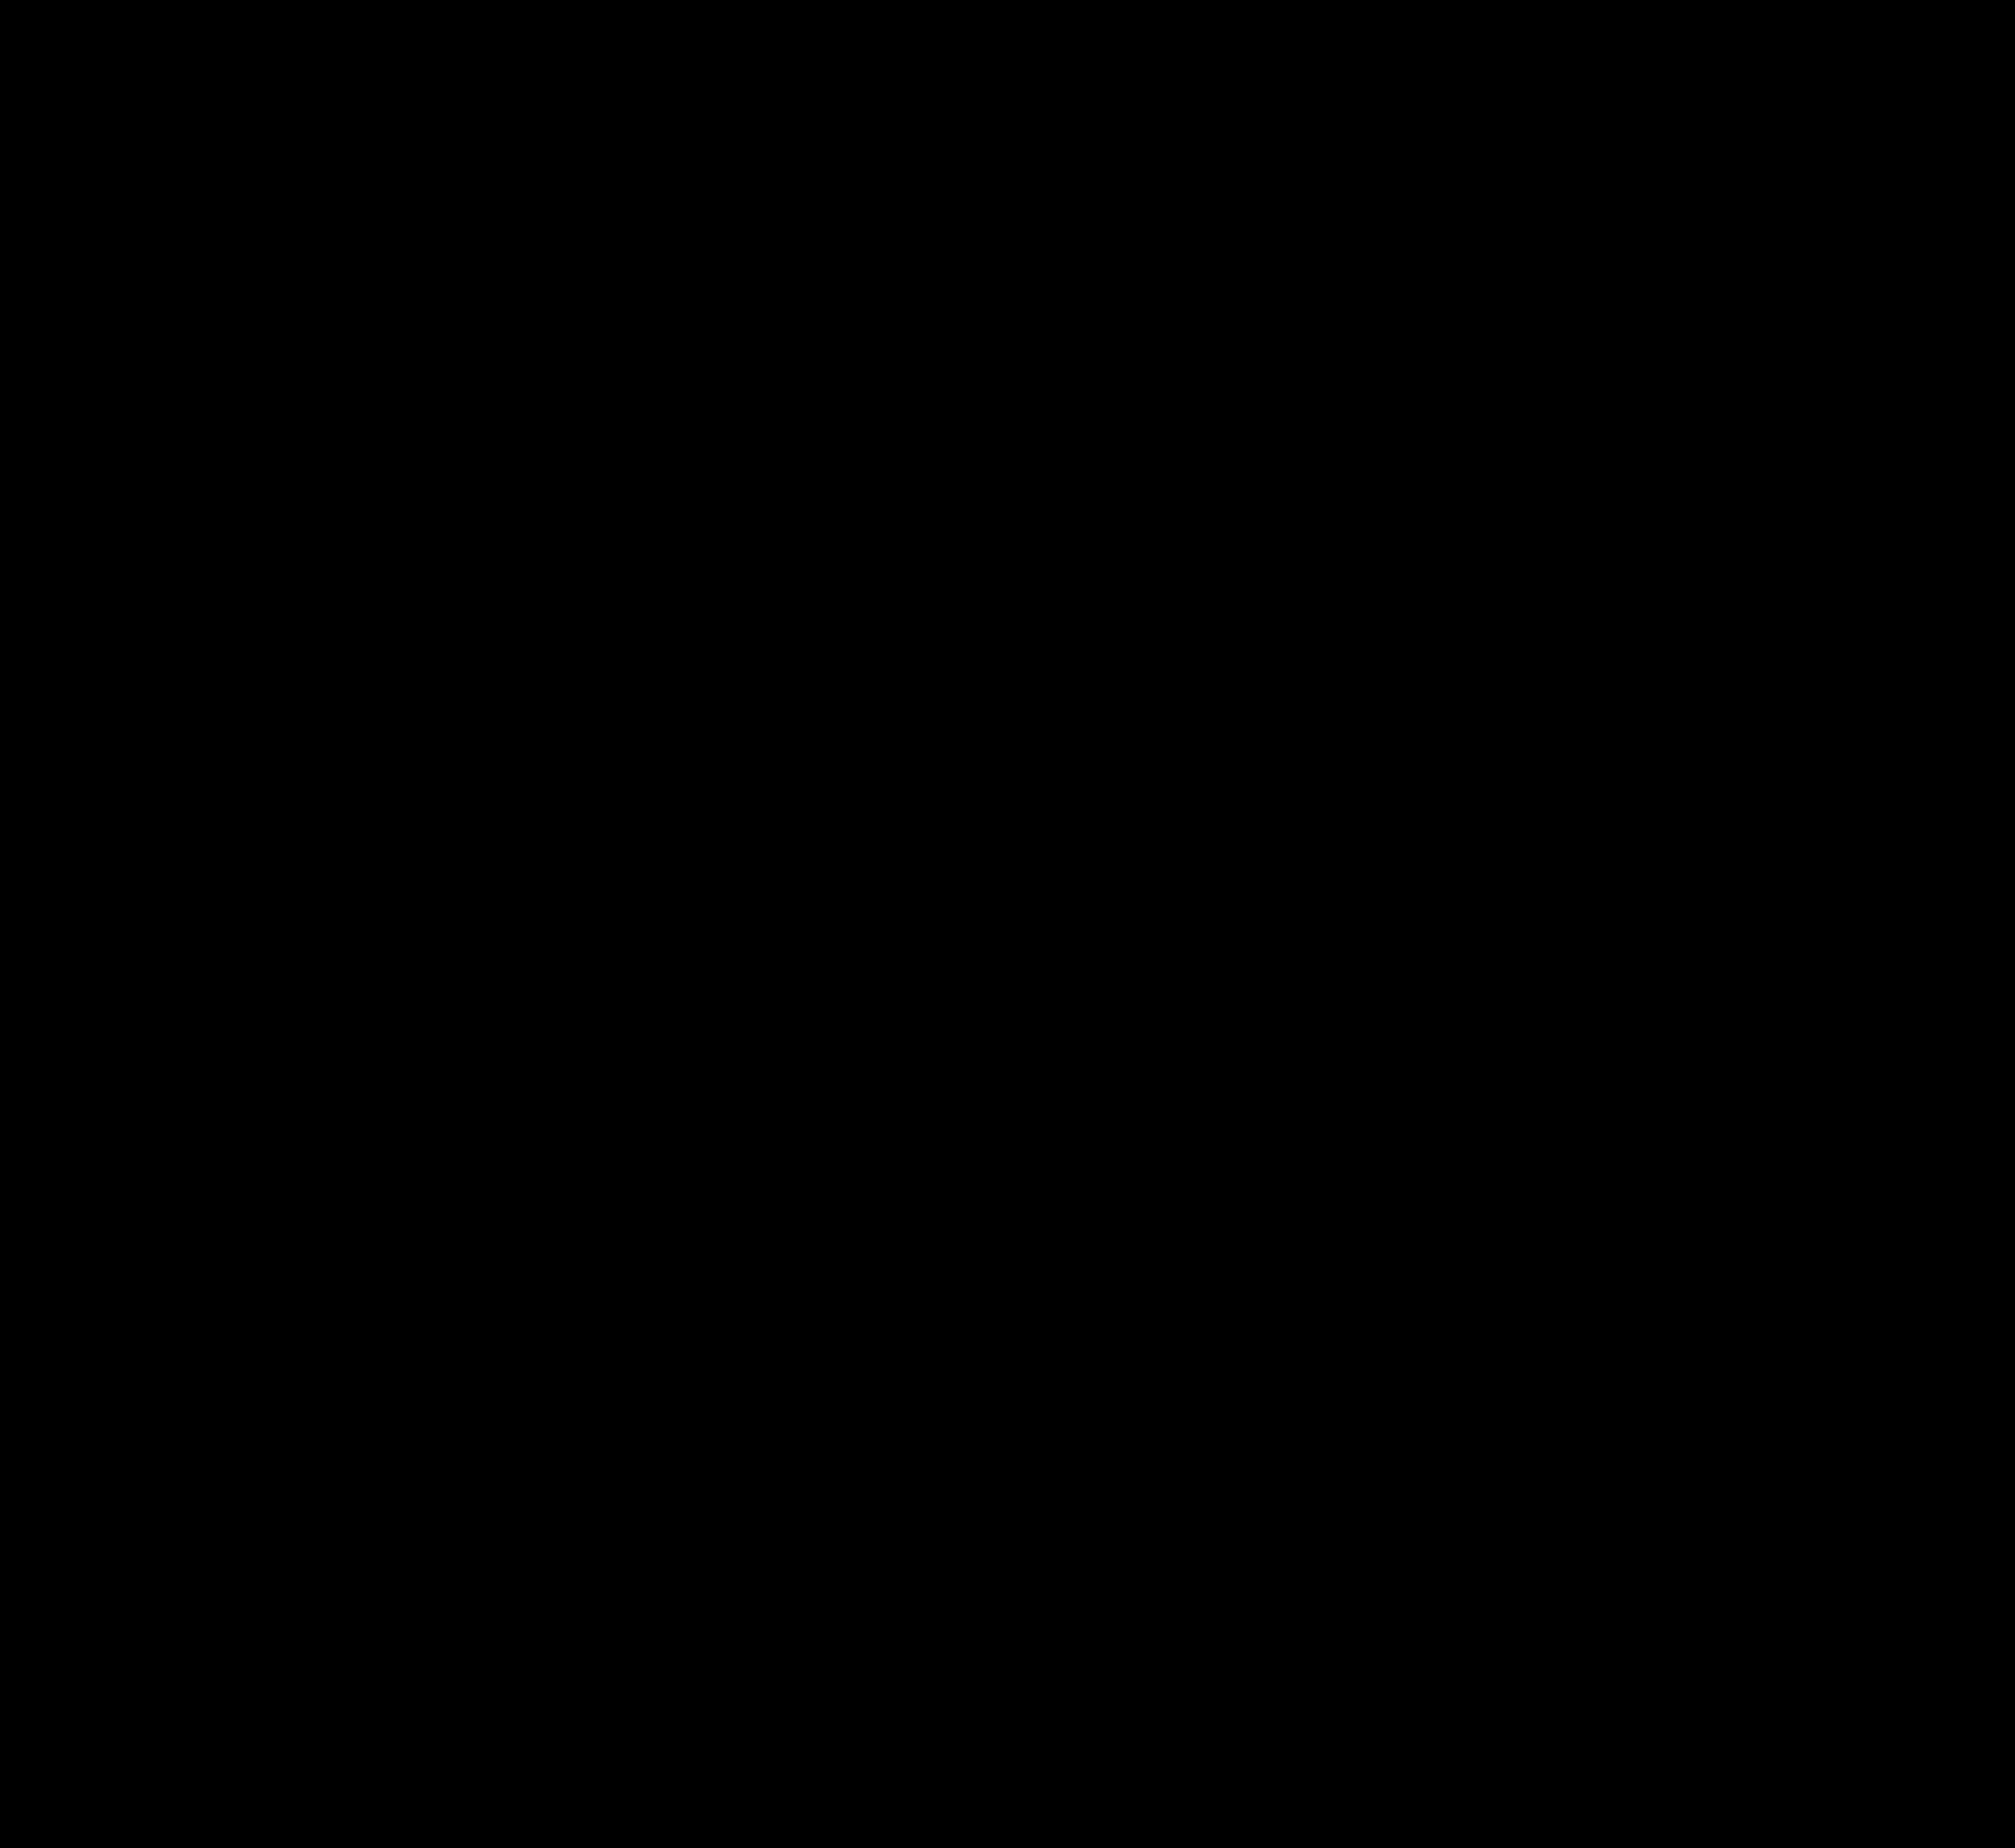 URBAN -logo-black (3).png